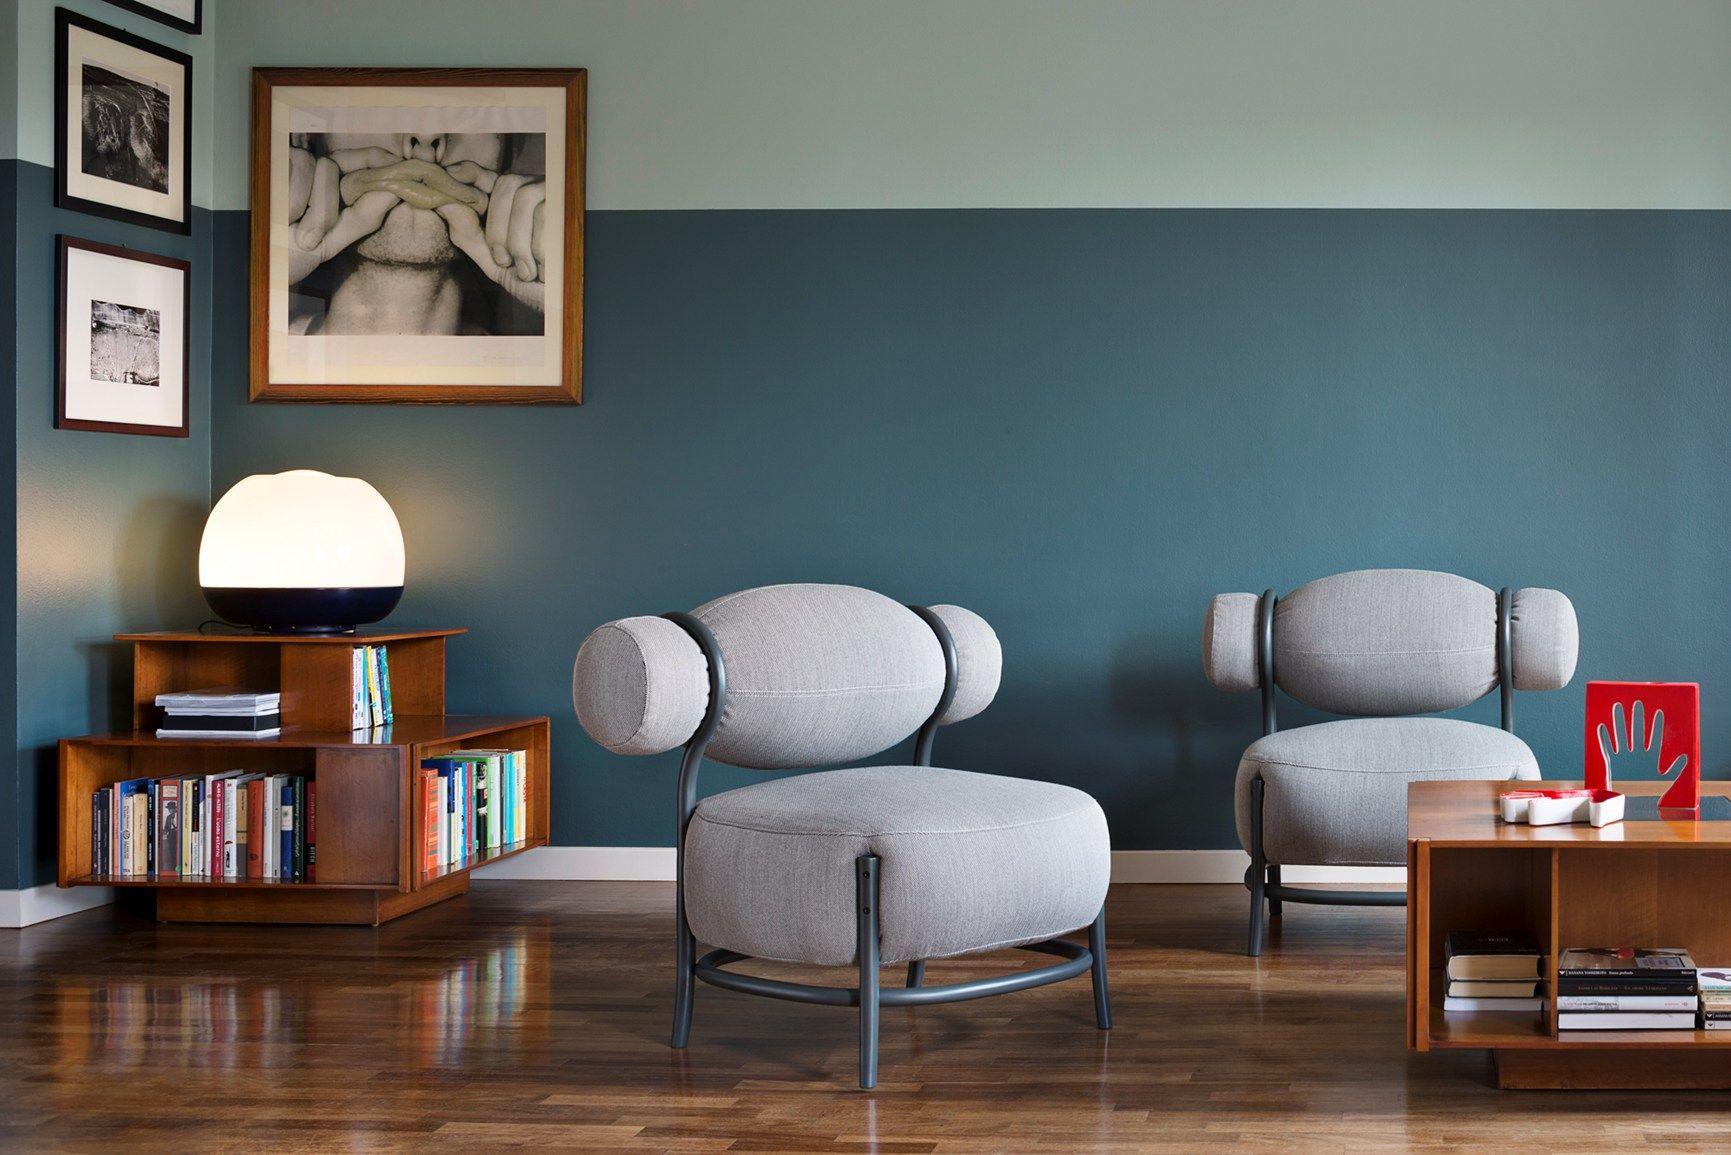 Gtv retr aesthetics contemporary verve for Soggiorni moderni di design